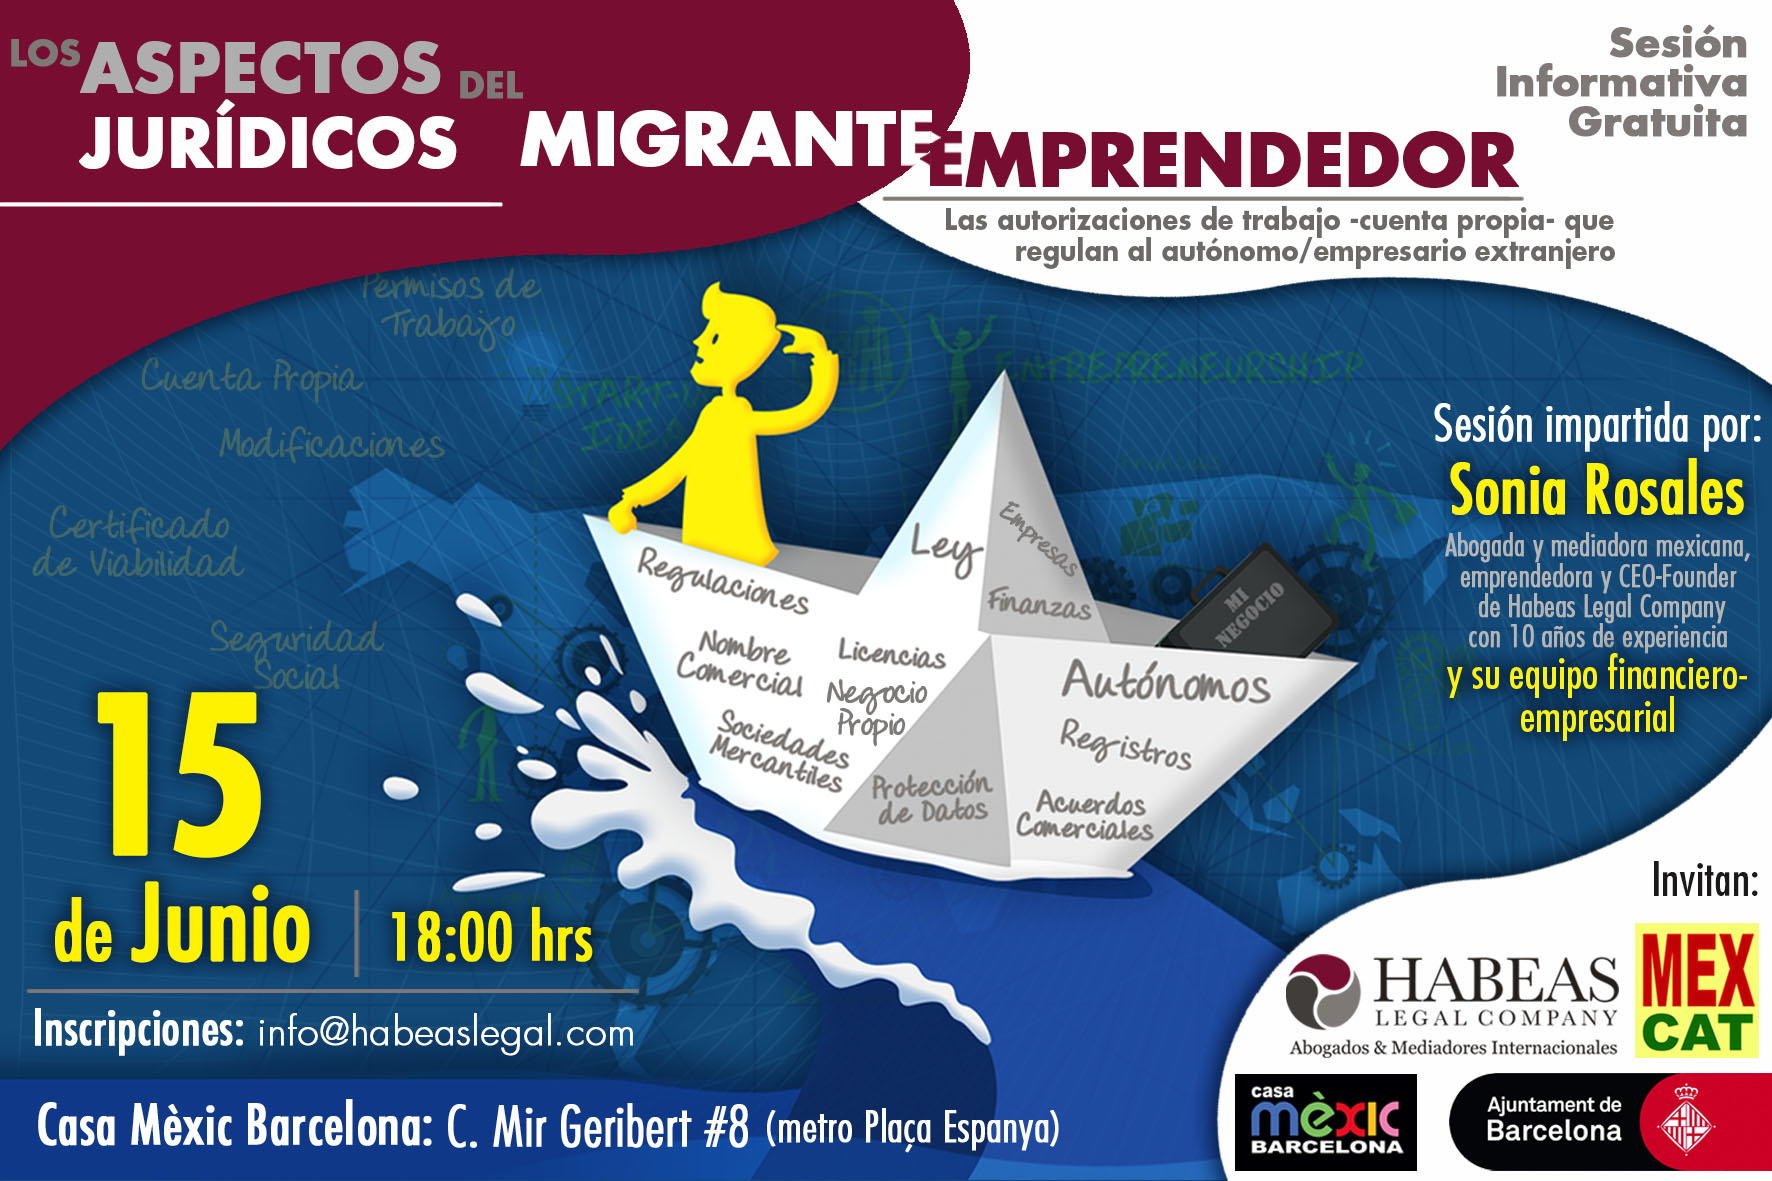 """Aspectos Jurídicos Emprendedor Habeas MEXCAT JUN - """"Los aspectos jurídicos del migrante emprendedor"""": sesión informativa gratuita -Junio-"""